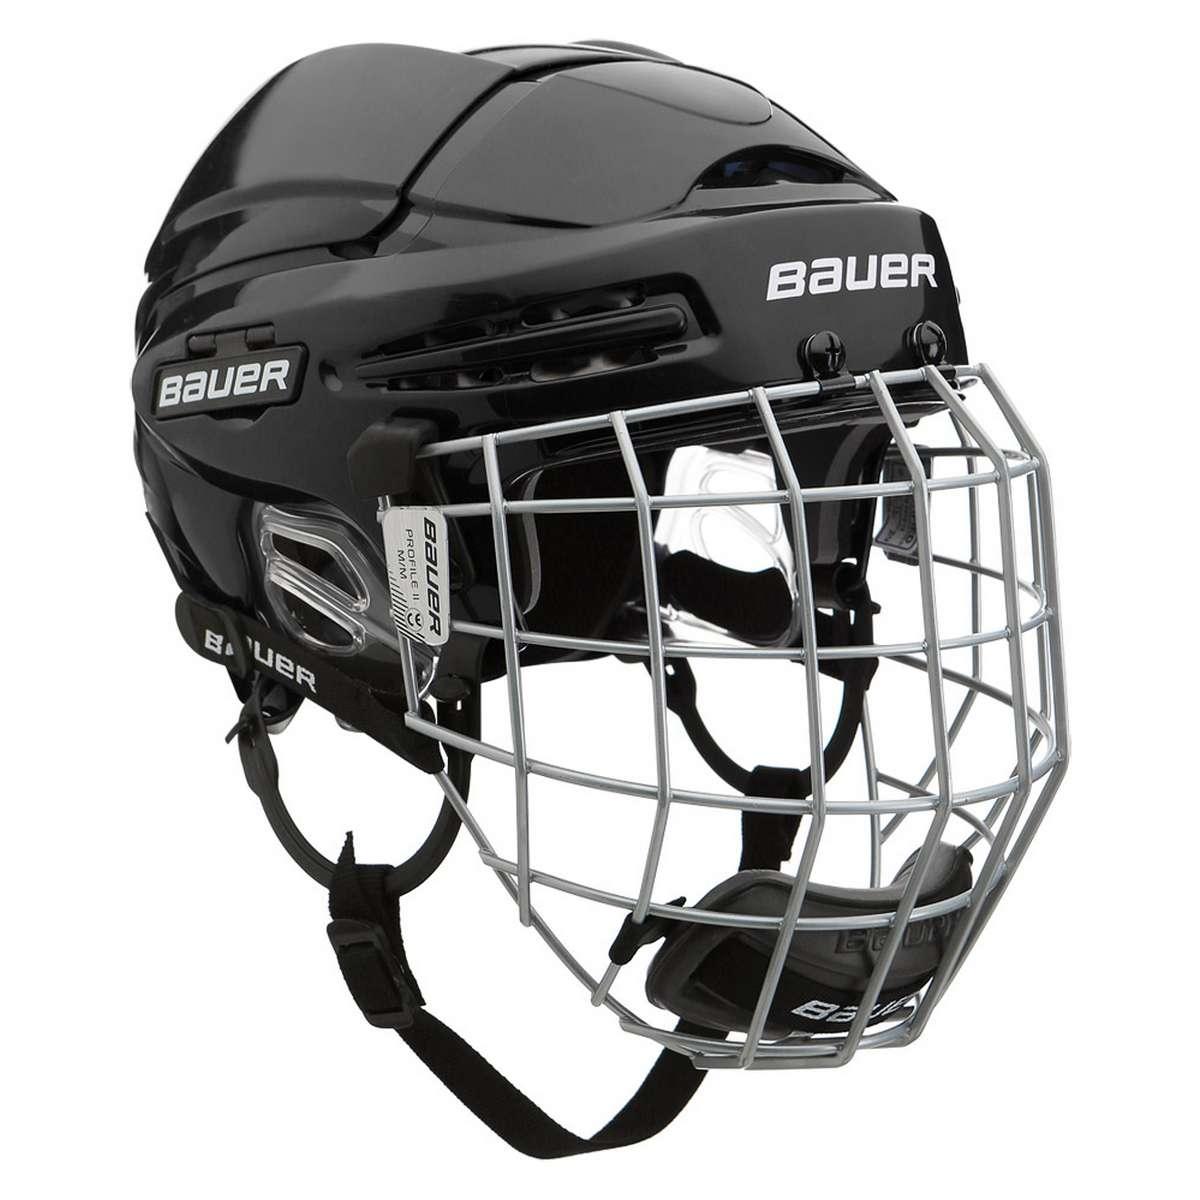 Hokejové prilby za najlepšie ceny - Sporthockey.sk 1d06880494